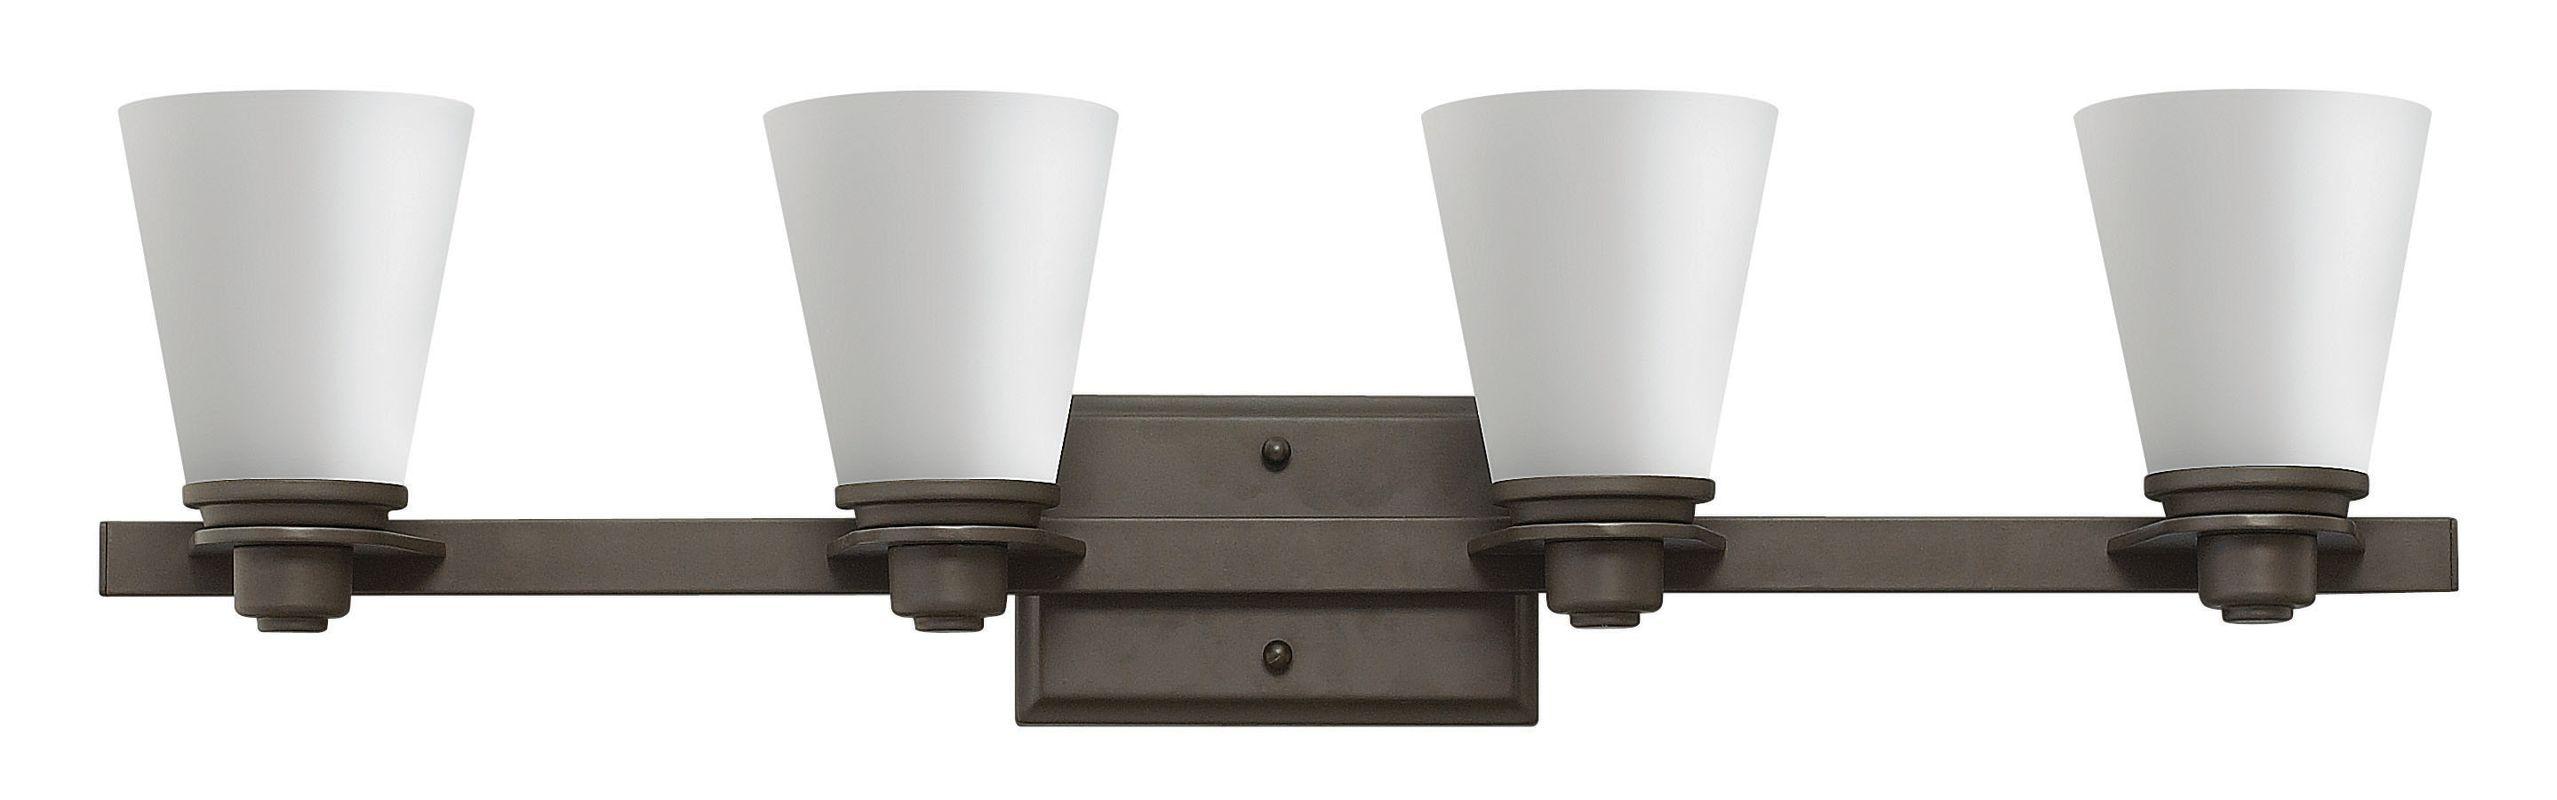 Hinkley Lighting 5554-LED 4 Light LED Bathroom Vanity Light from the